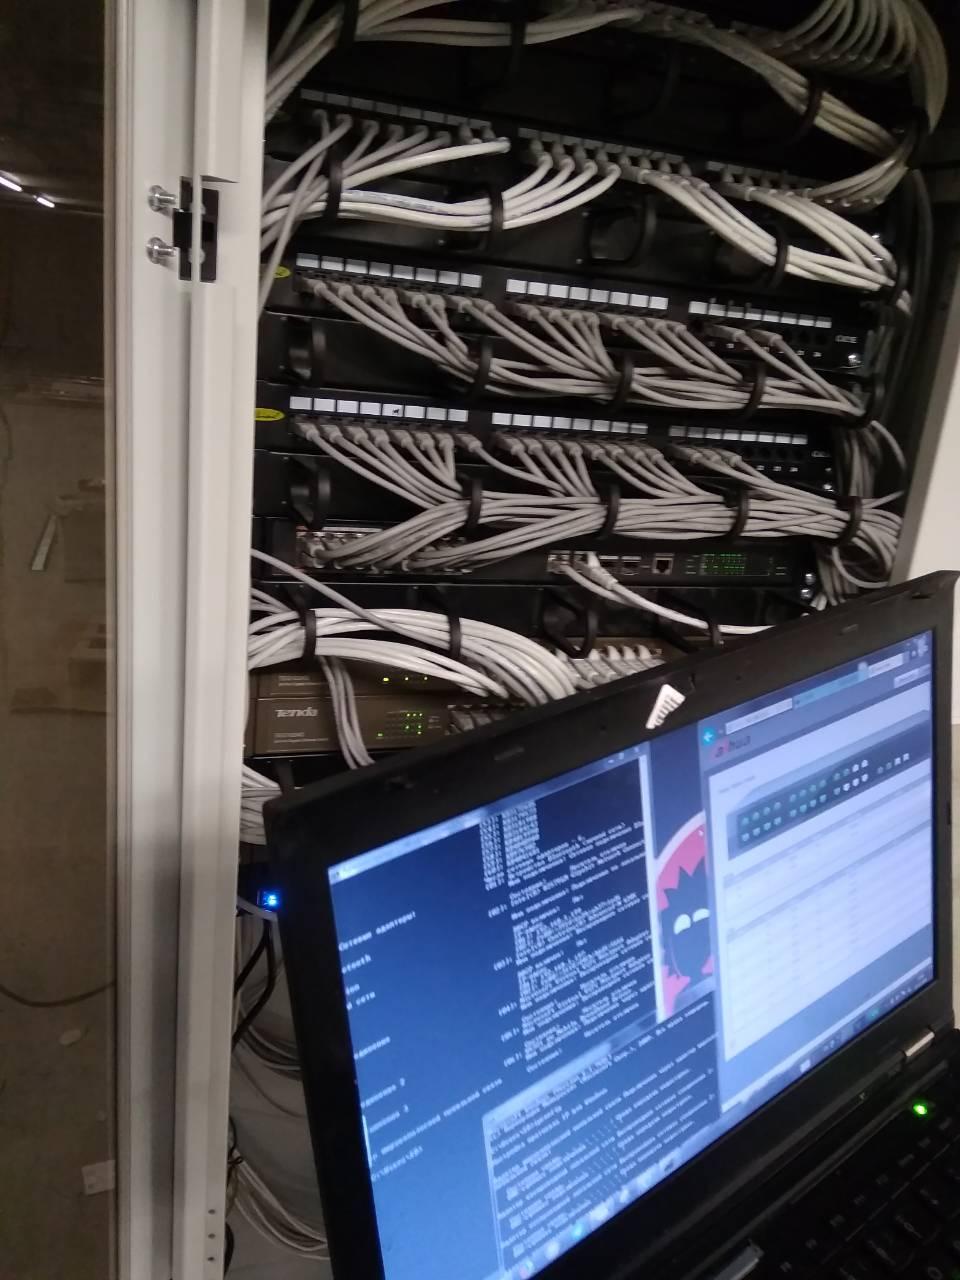 Фото Встановлення шафи для декількох свічів та РОЕ керуванням мережею  WI FI